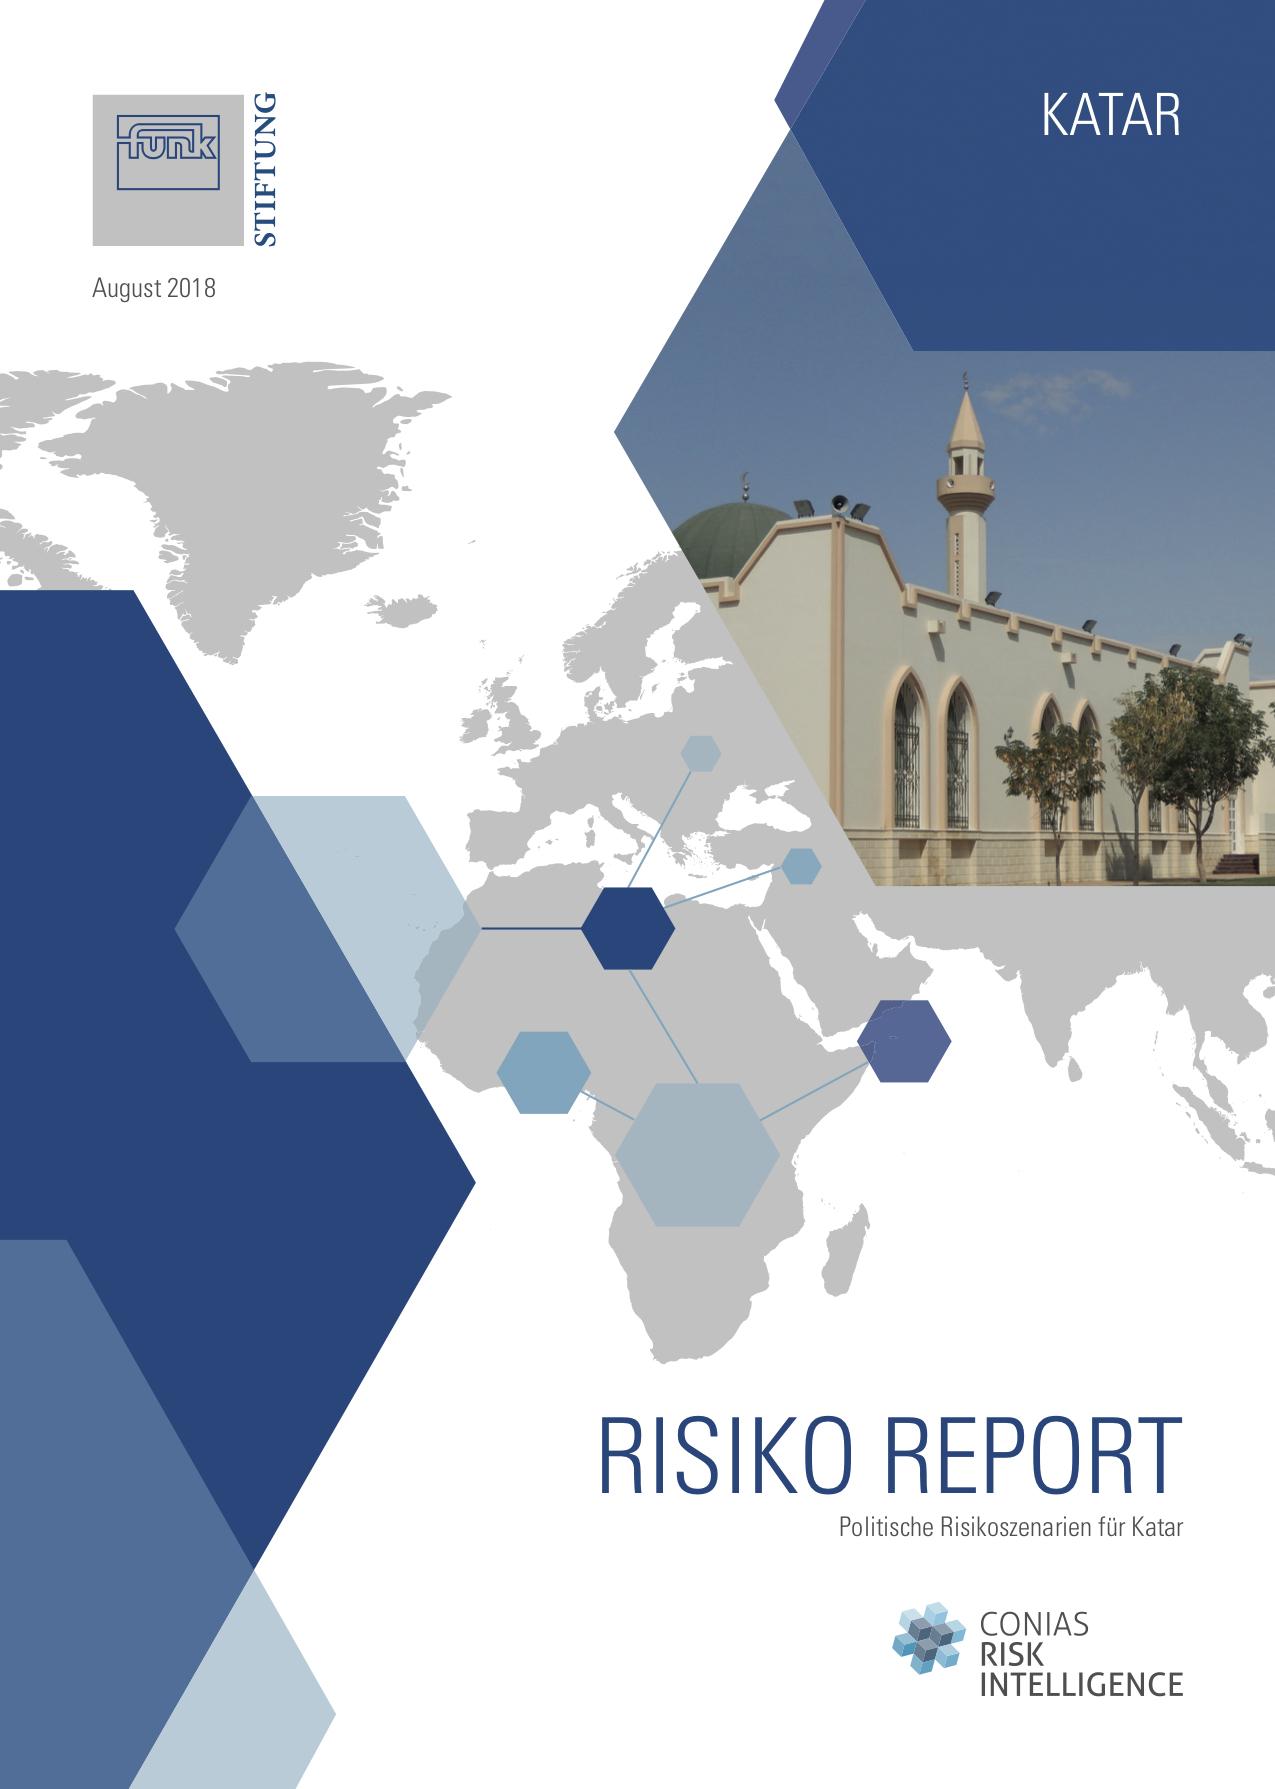 Risiko Report Katar